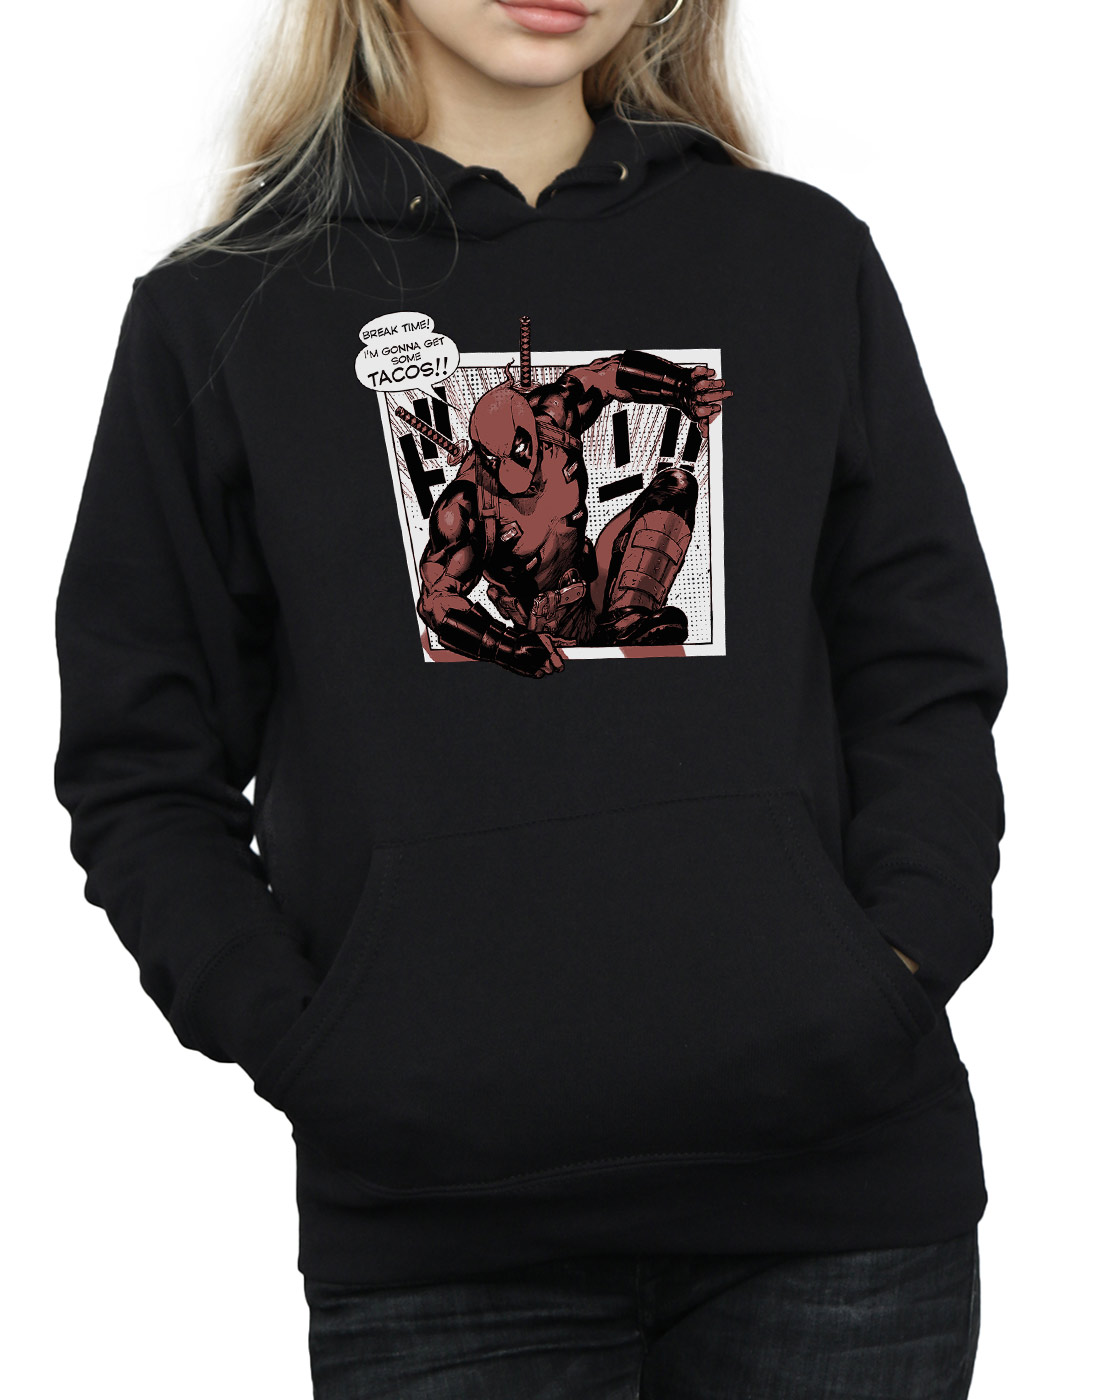 Tacos Breaktime Felpa Deadpool Donna Marvel Con Cappuccio xTqEtn8